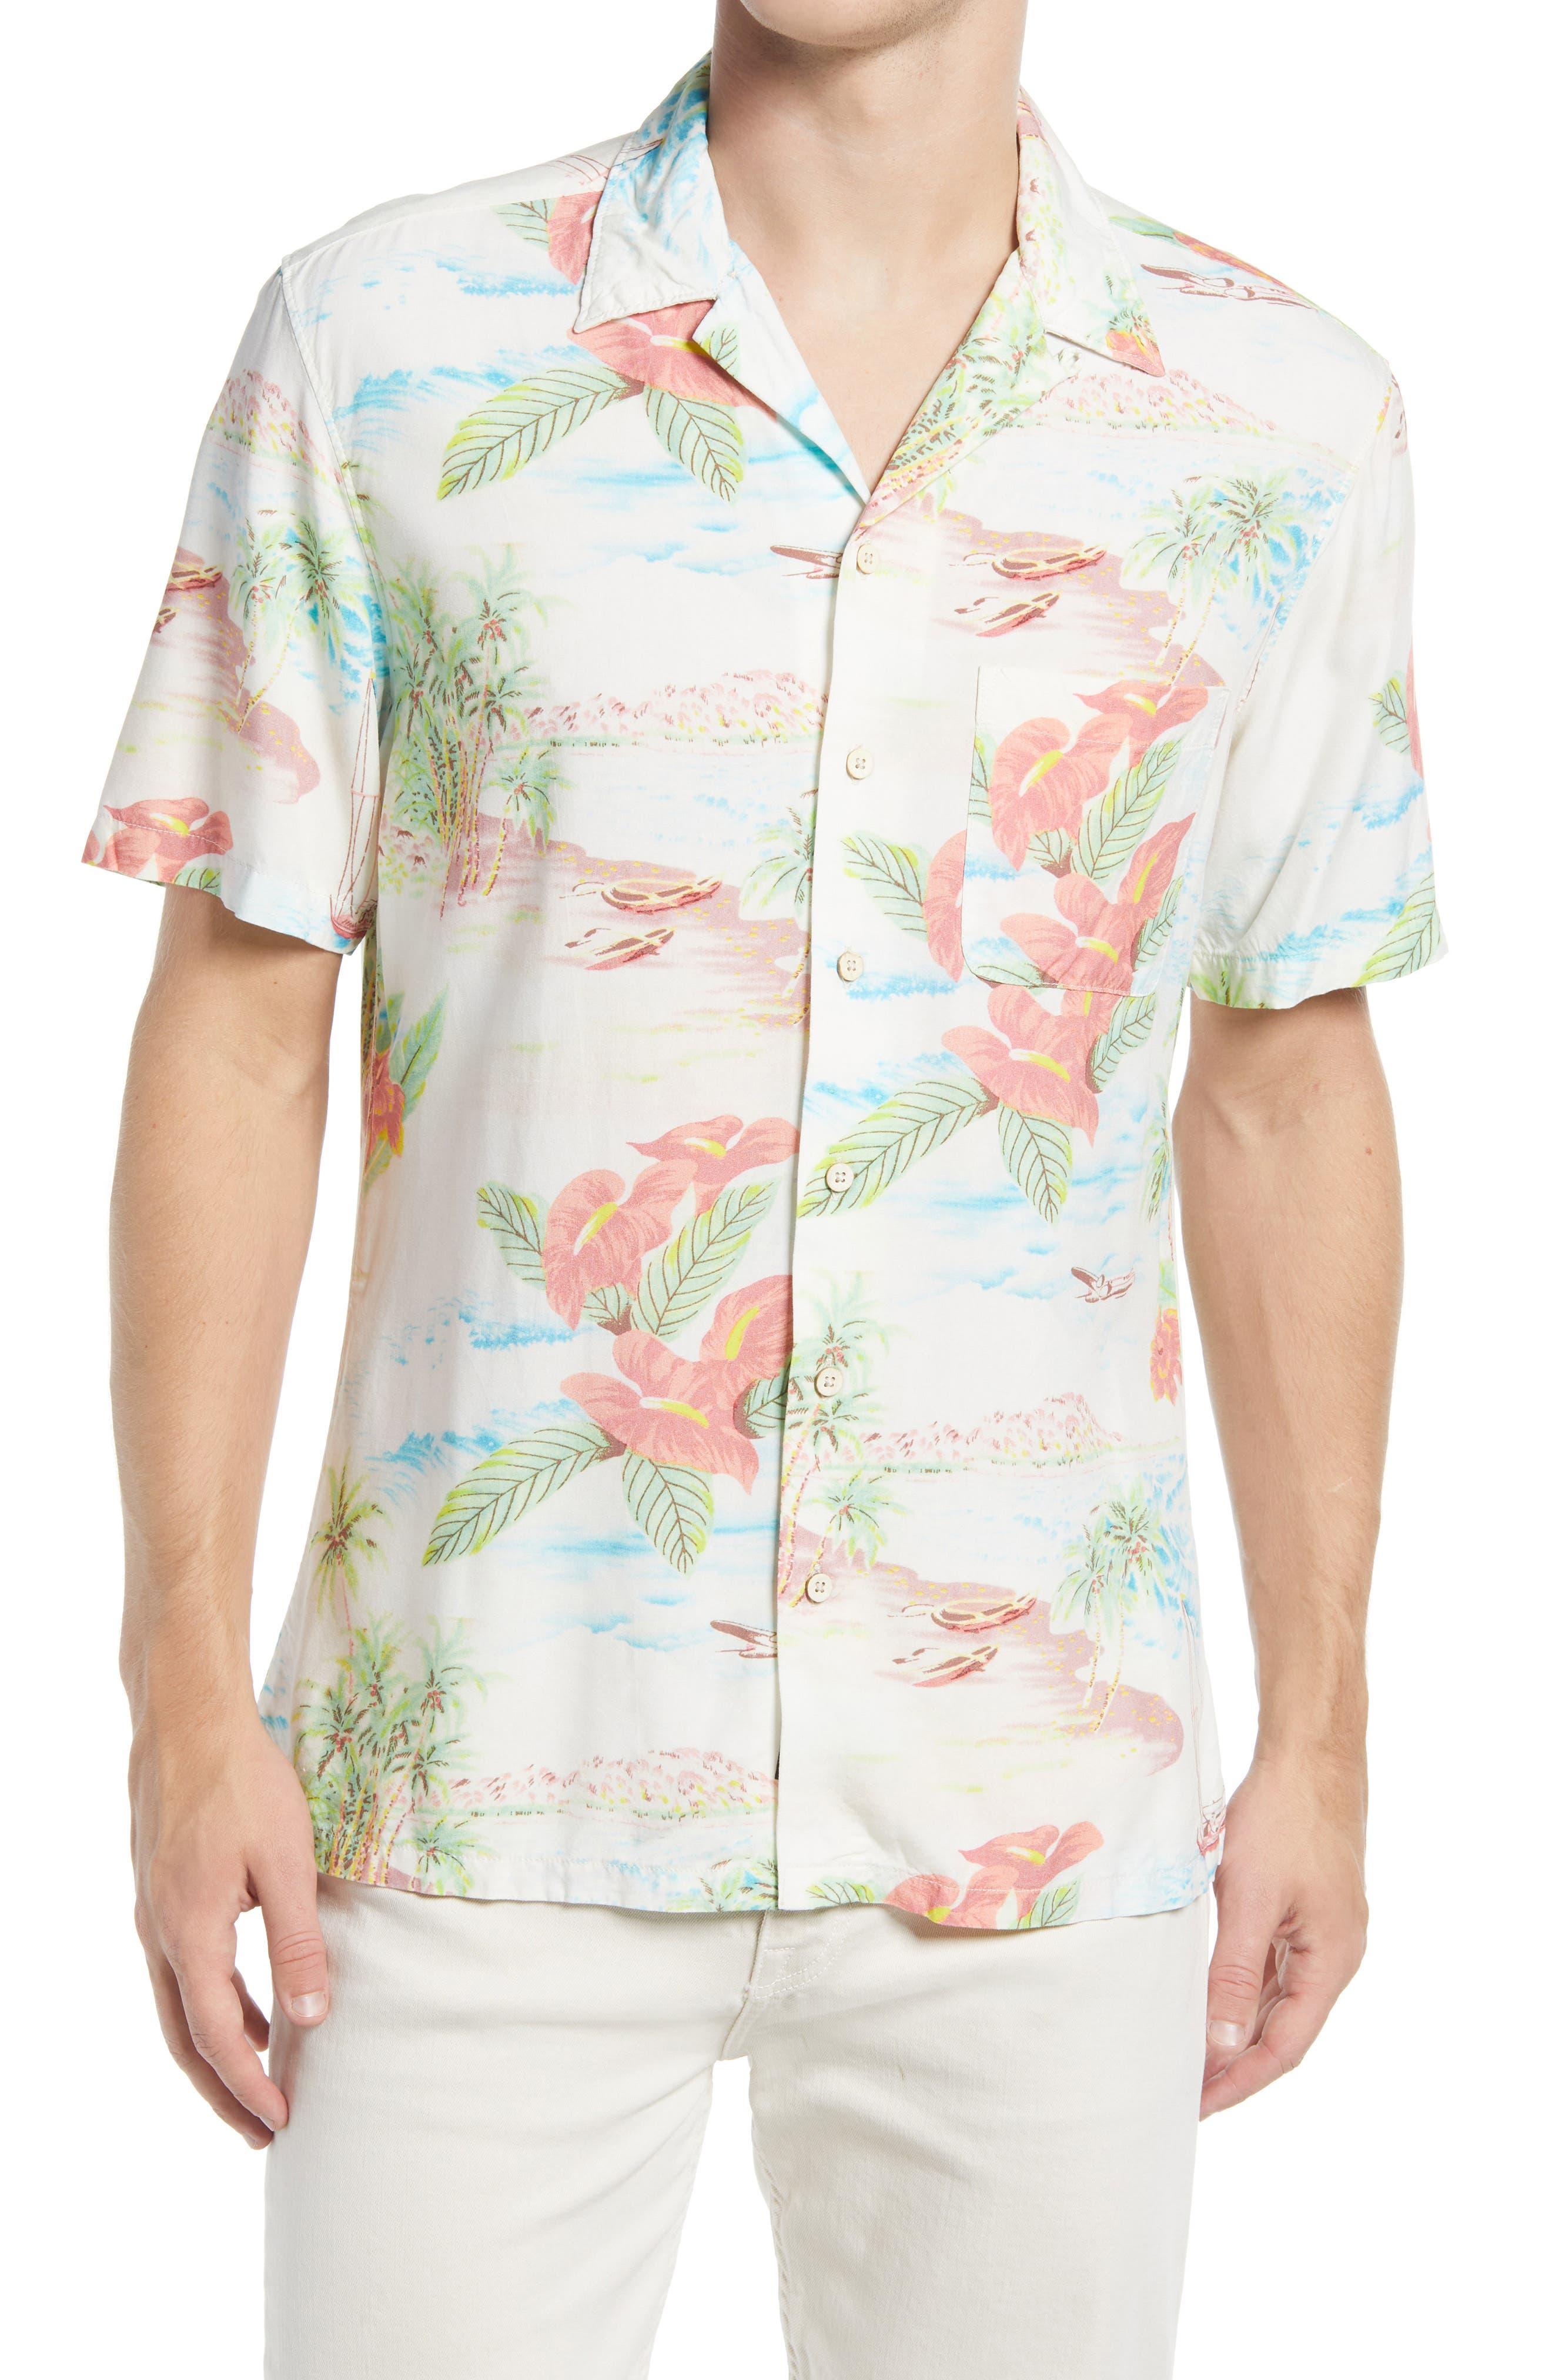 Kona Short Sleeve Button-Up Camp Shirt